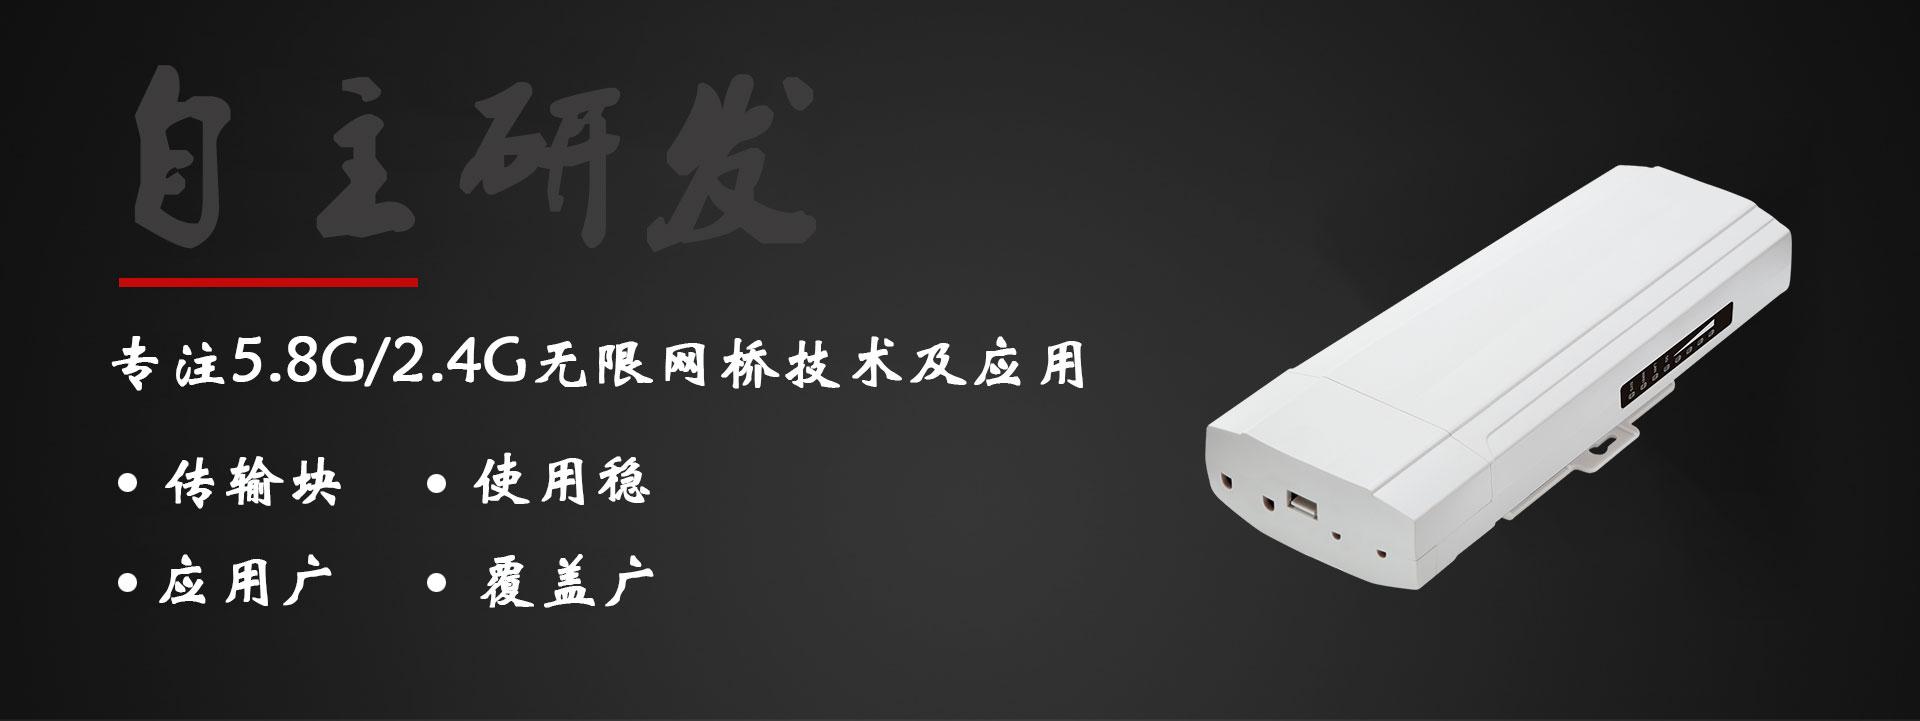 深圳市明汉科技有限公司